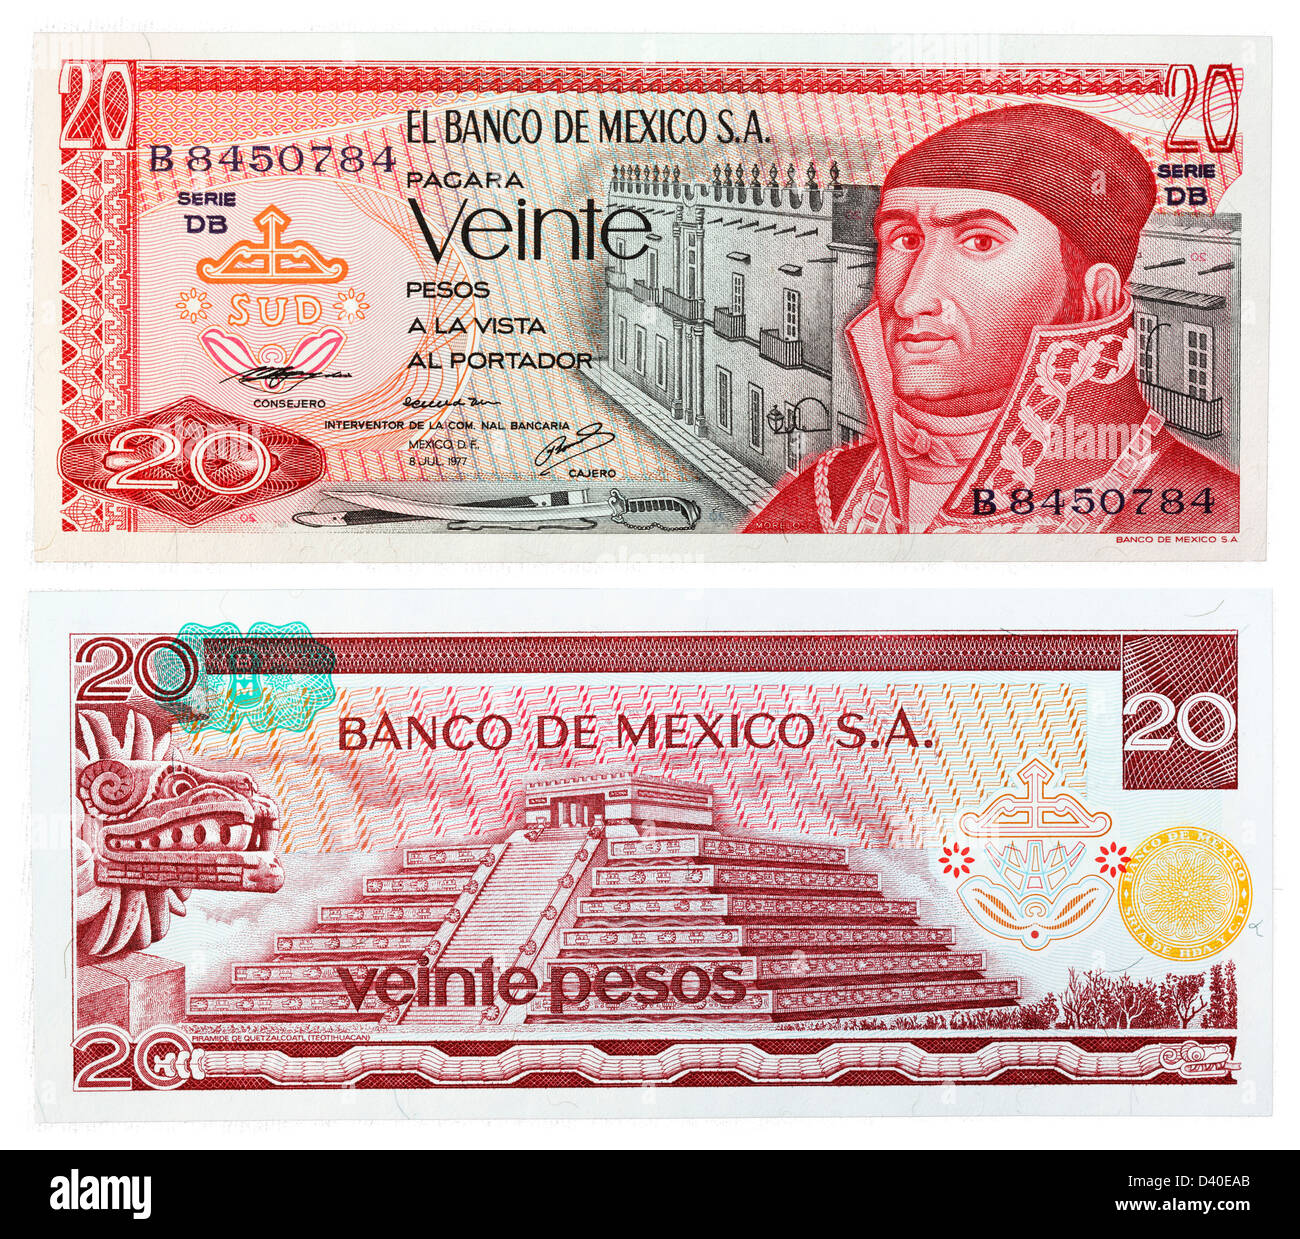 20 Pesos banknote, Jose Morelos y Pavon and Pyramid of Quetzalcoatl, Mexico, 1977 Stock Photo